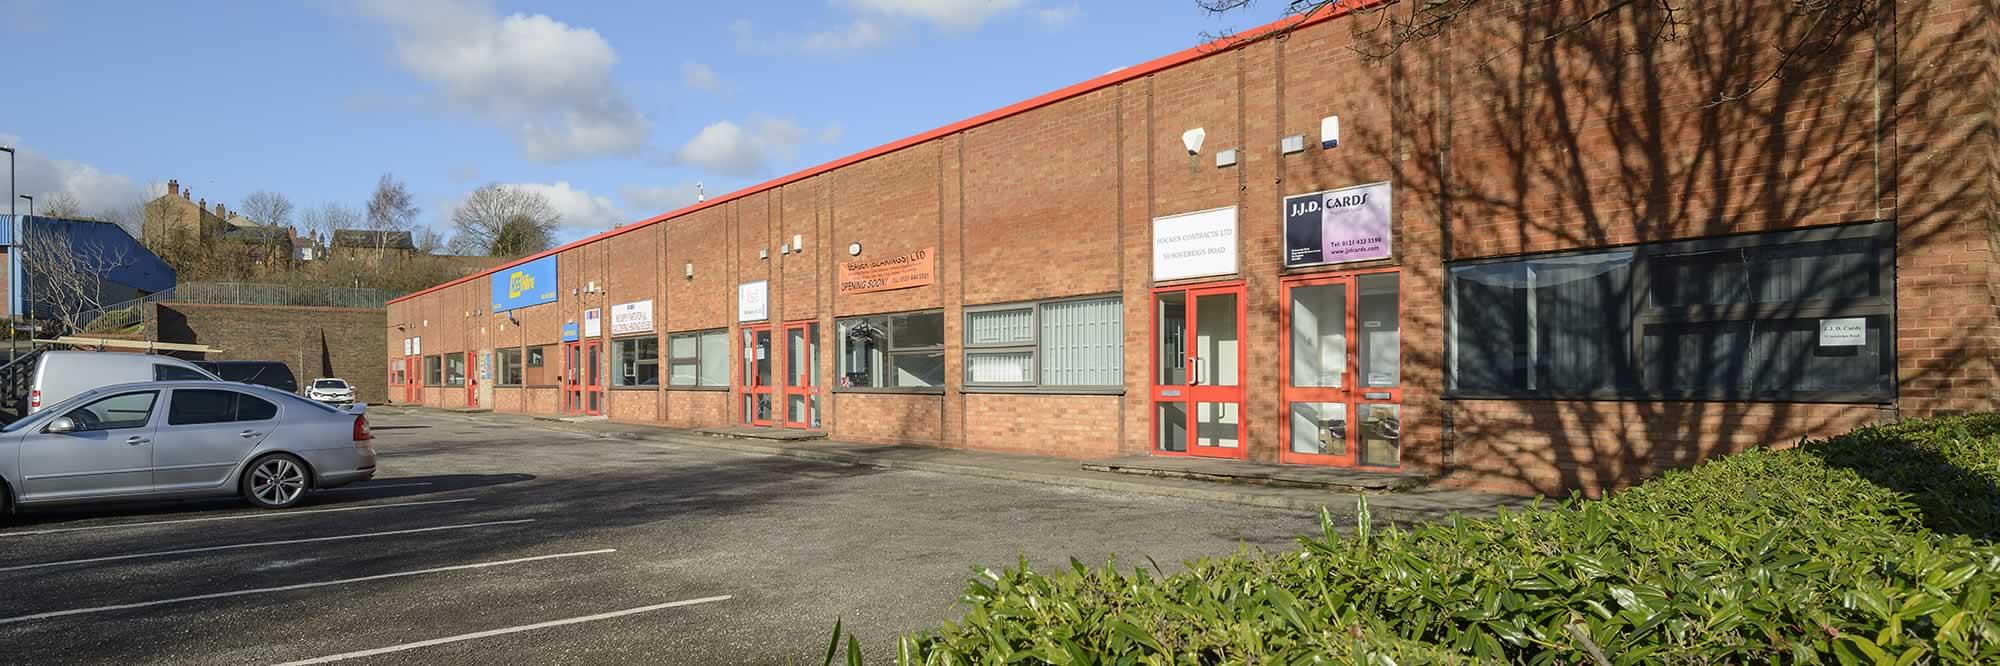 Availability Warehouse